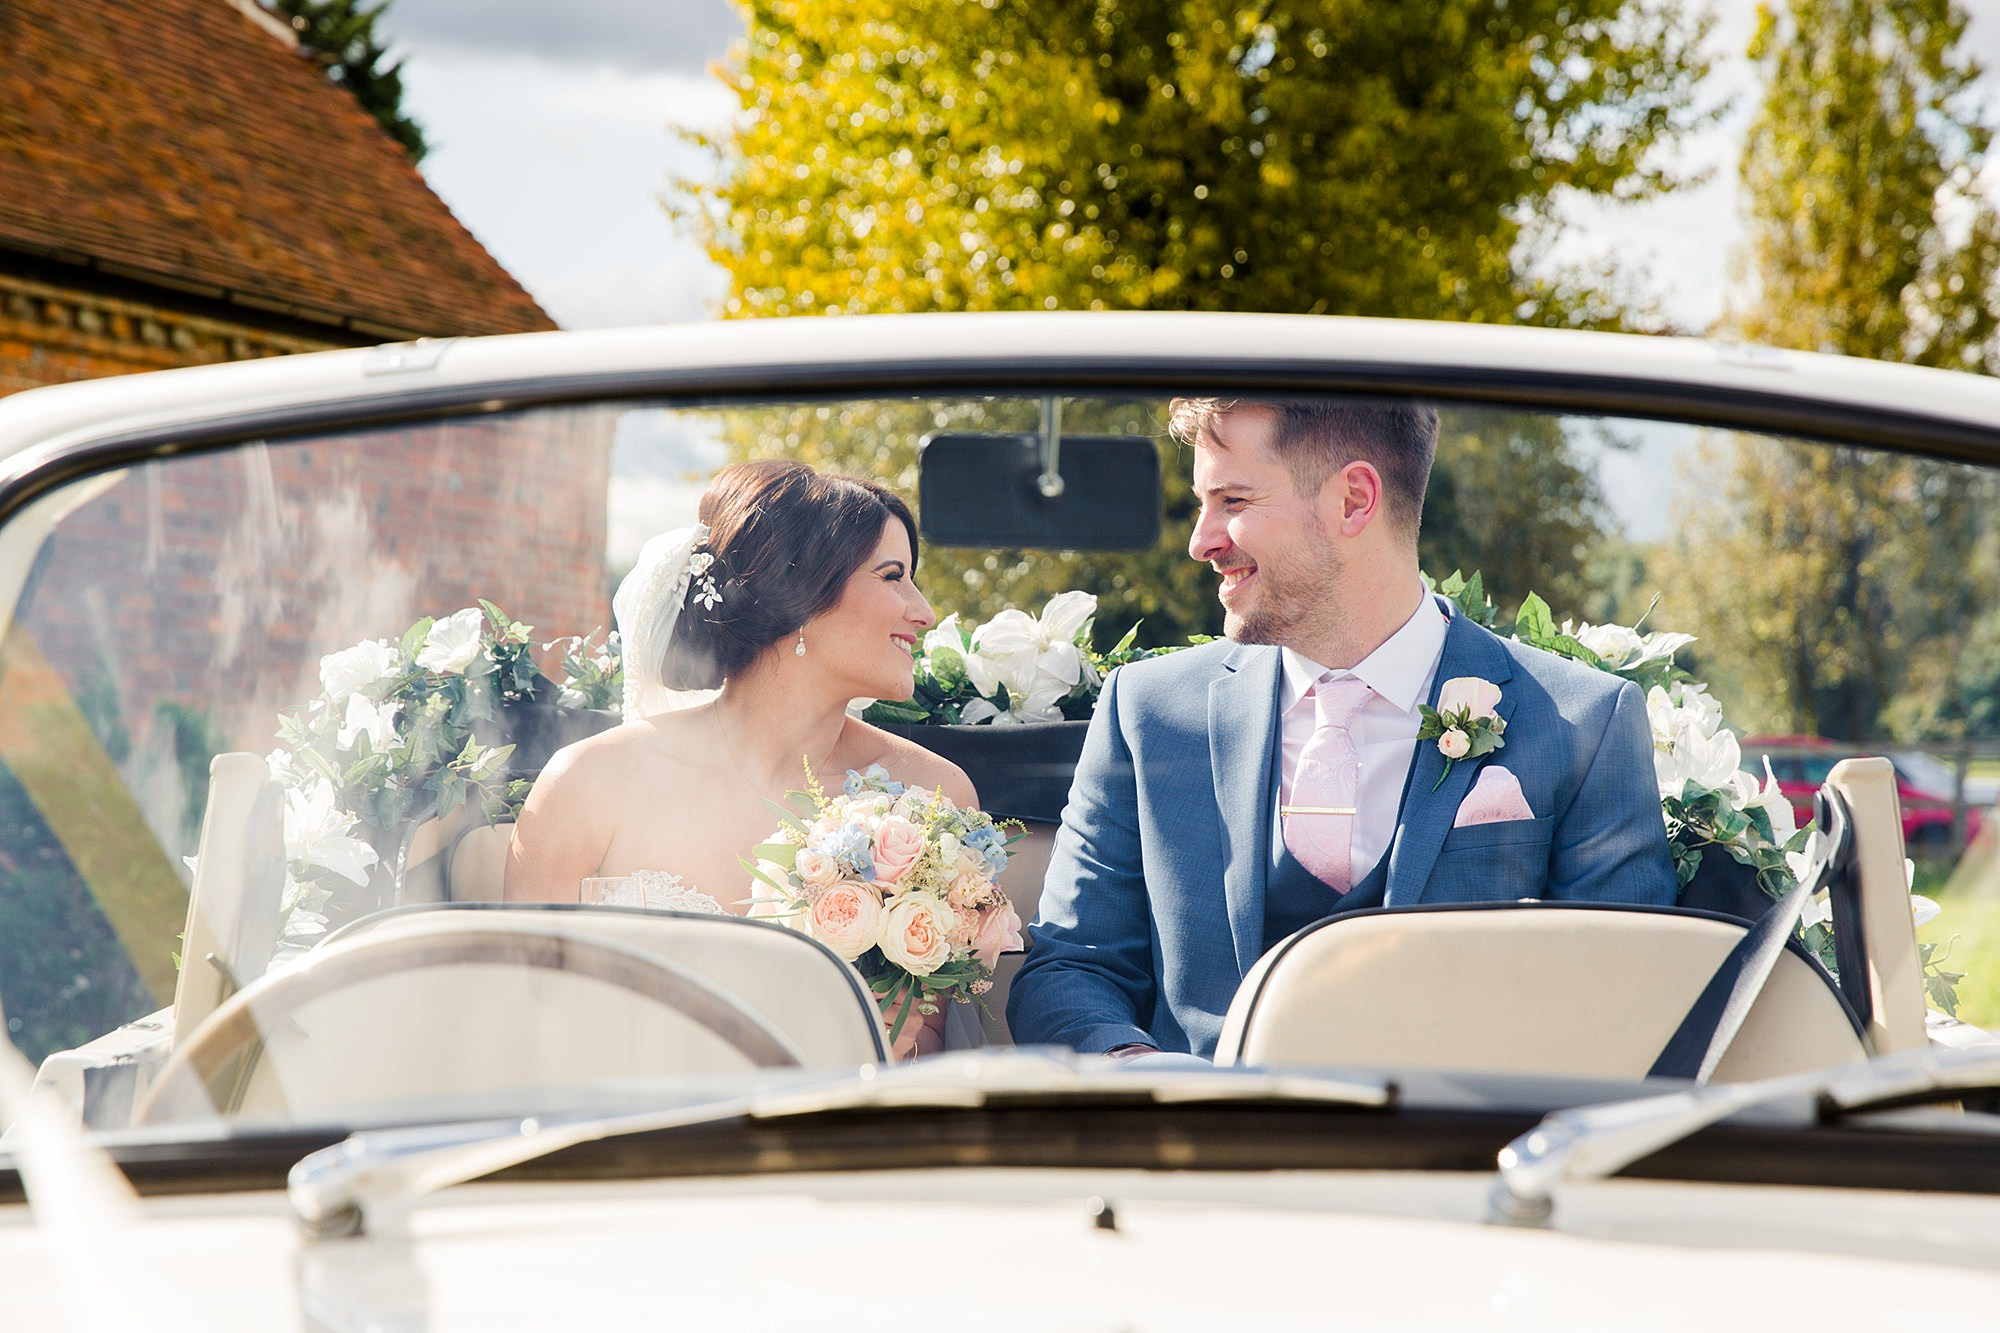 Lillibrooke Manor wedding bride and groom in wedding car